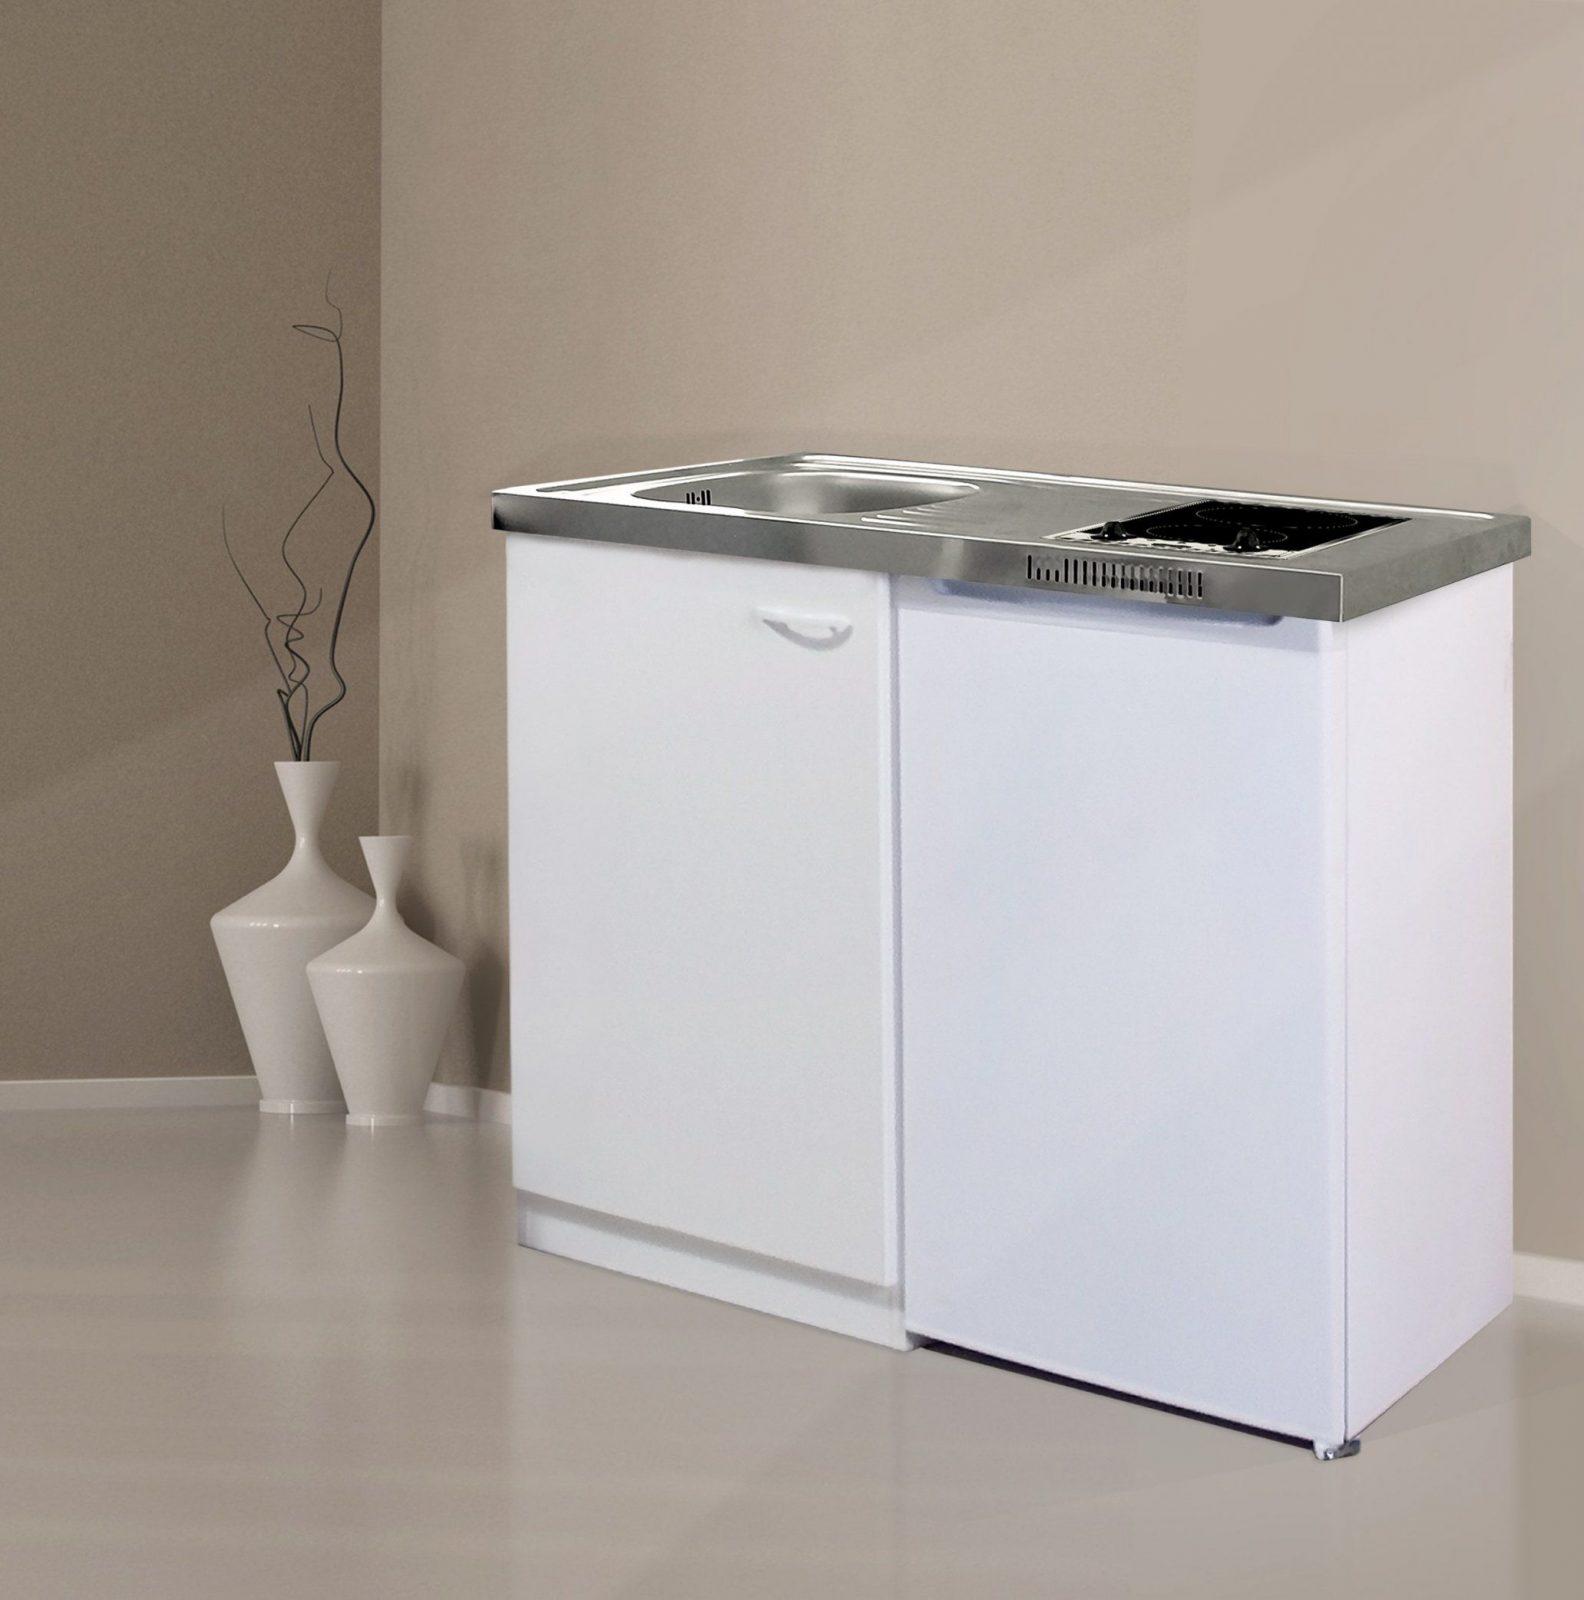 Respekta Miniküche Pantry Single Küche Ceran 100 Cm Weiss von Pantryküche Mit Kühlschrank 120 Photo